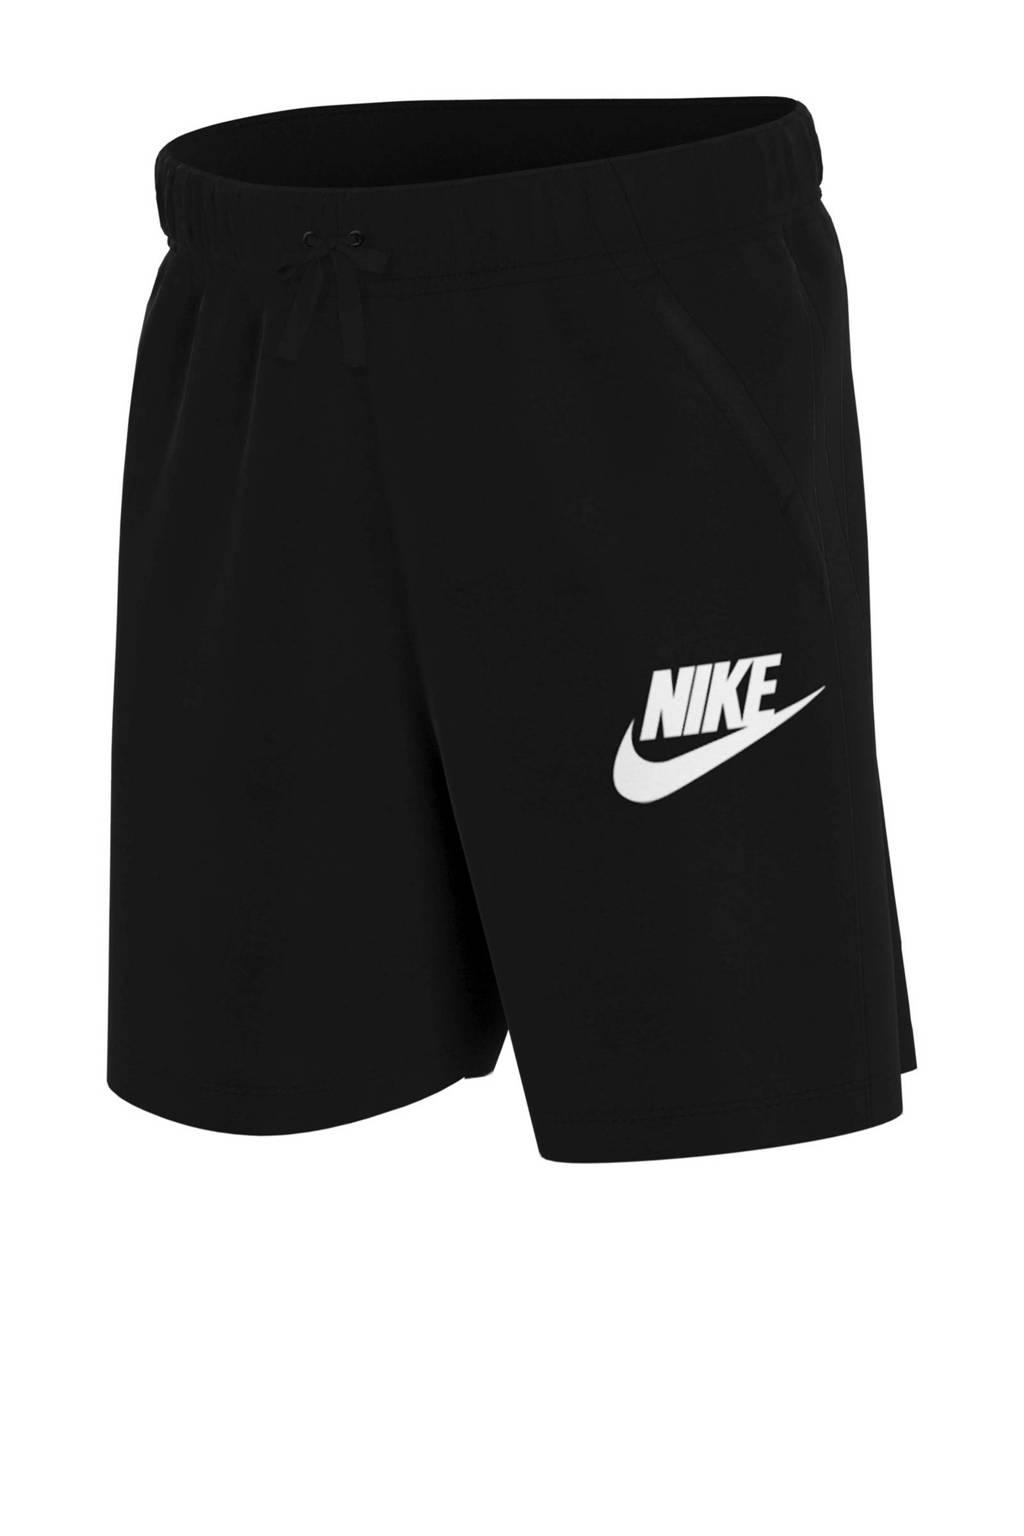 Nike   short zwart, Zwart